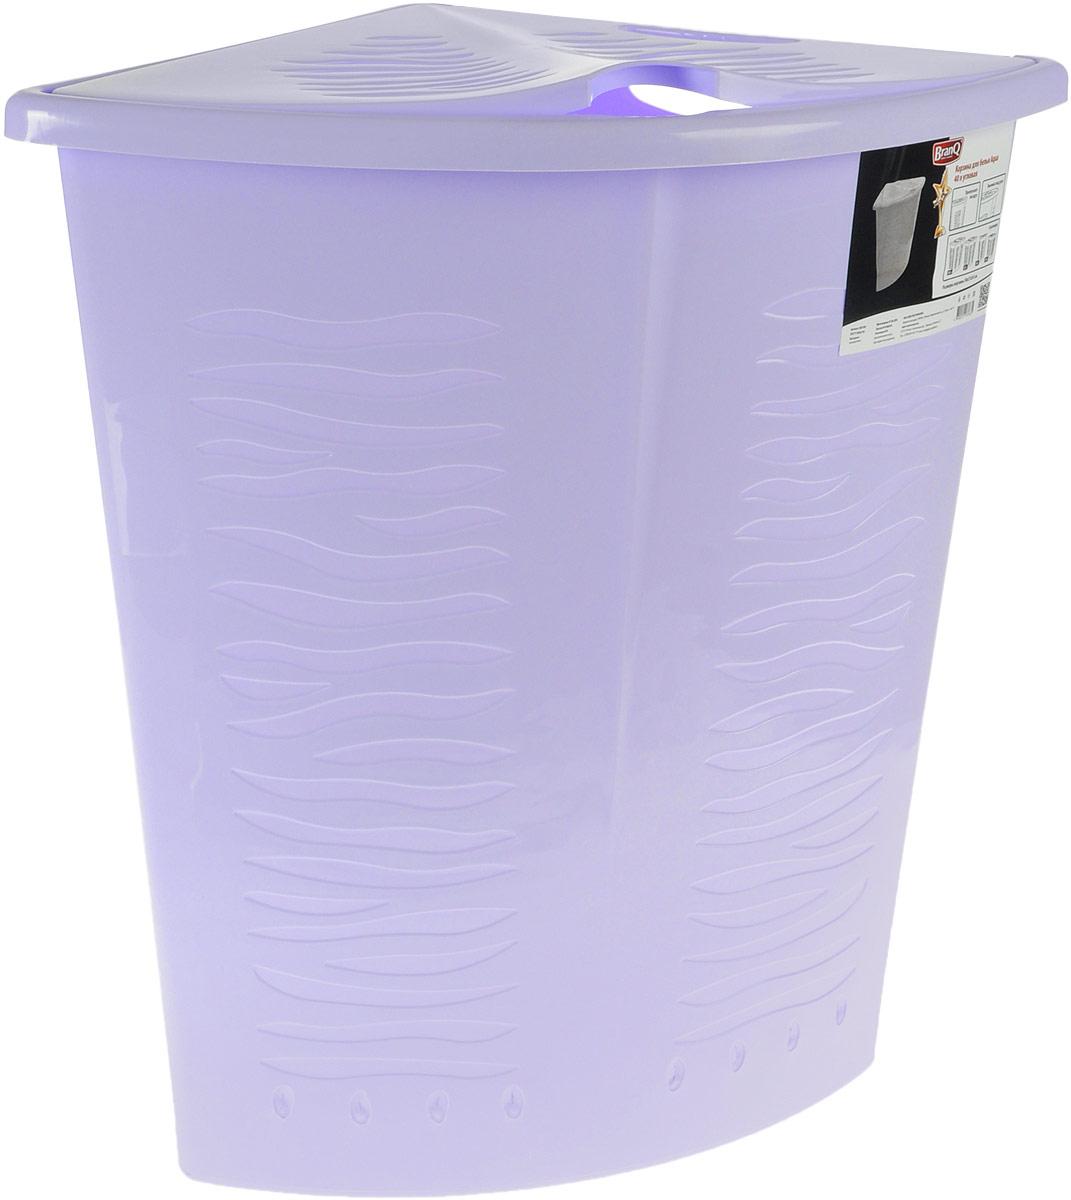 Корзина для белья BranQ Aqua, угловая, цвет: лавандовый, 40 л25051 7_желтыйУгловая корзина для белья BranQ Aqua изготовлена из прочного полипропилена и оформлена перфорированными отверстиями, благодаря которым обеспечивается естественная вентиляция. Изделие идеально подходит для небольших ванных комнат. Корзина оснащена крышкой и ручкой для переноски. На крышке имеется выемка для удобного открывания крышки. Такая корзина для белья прекрасно впишется в интерьер ванной комнаты.